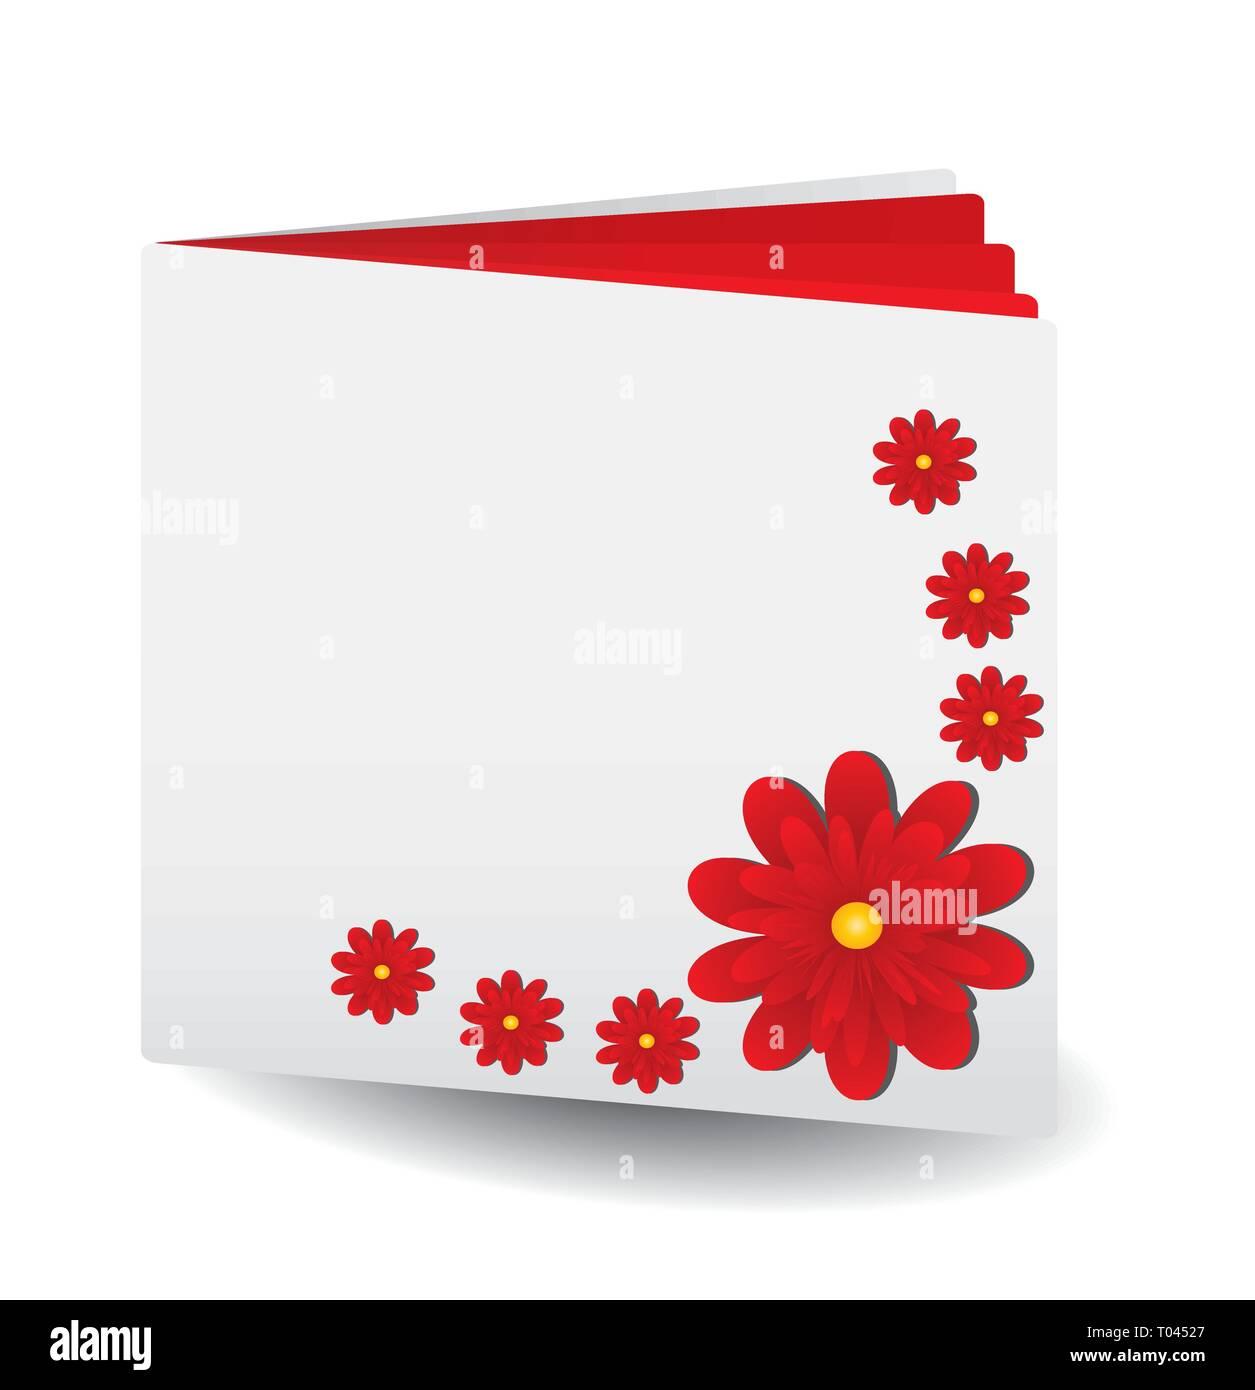 Buch mit roten Seiten und rote Gerbera Blumen am Deckel, Vektor, Abbildung Stockbild